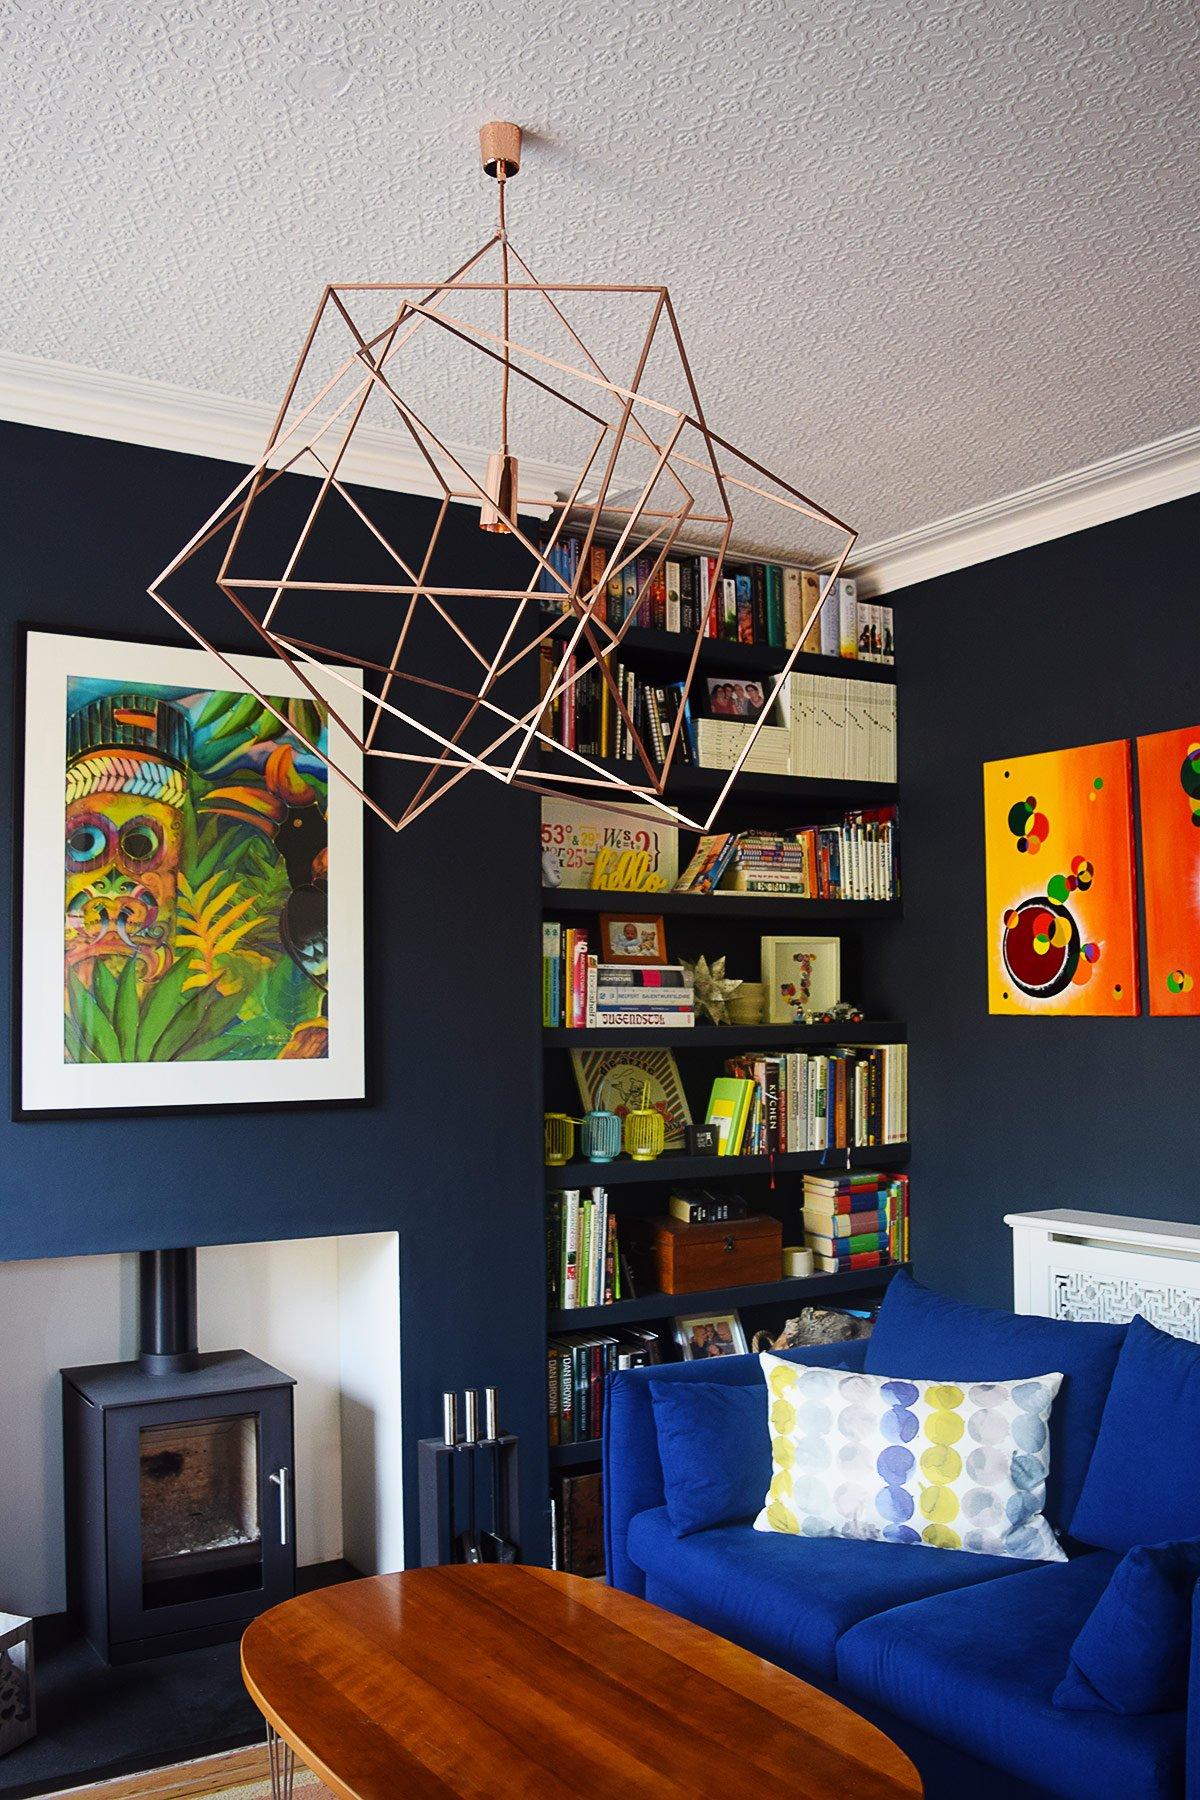 Log Burner & Dark Walls | Little House On The Corner